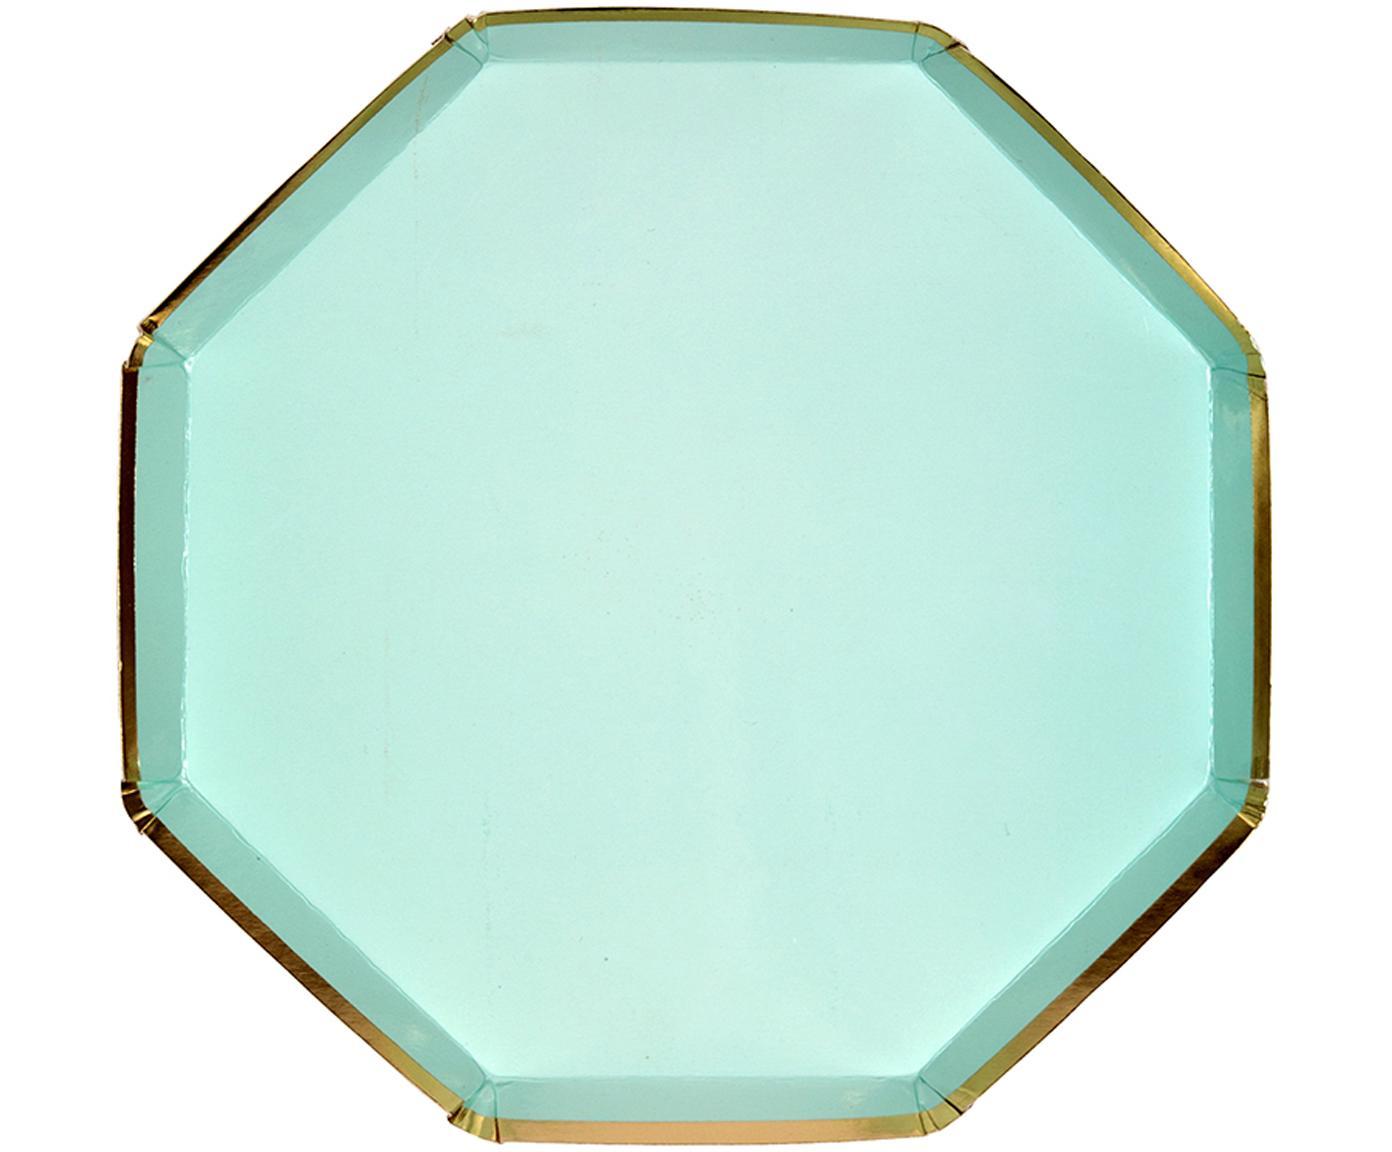 Talerz z papieru Simply Eco, 8 szt., Papier, foliowany, Zielony miętowy, Ø 20 x W 1 cm